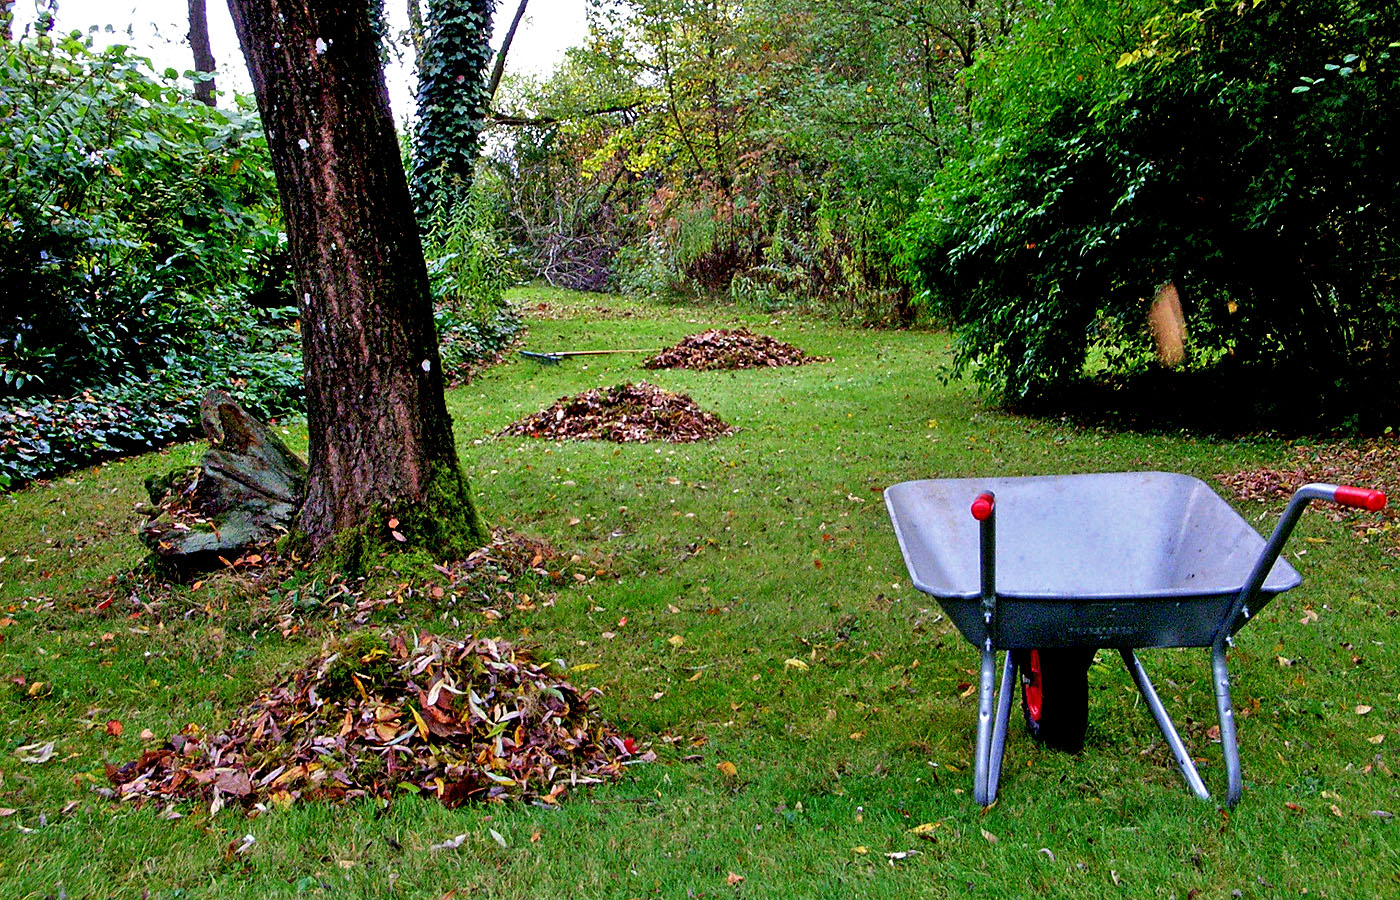 fotoblog seite 6 das saarland im bild. Black Bedroom Furniture Sets. Home Design Ideas